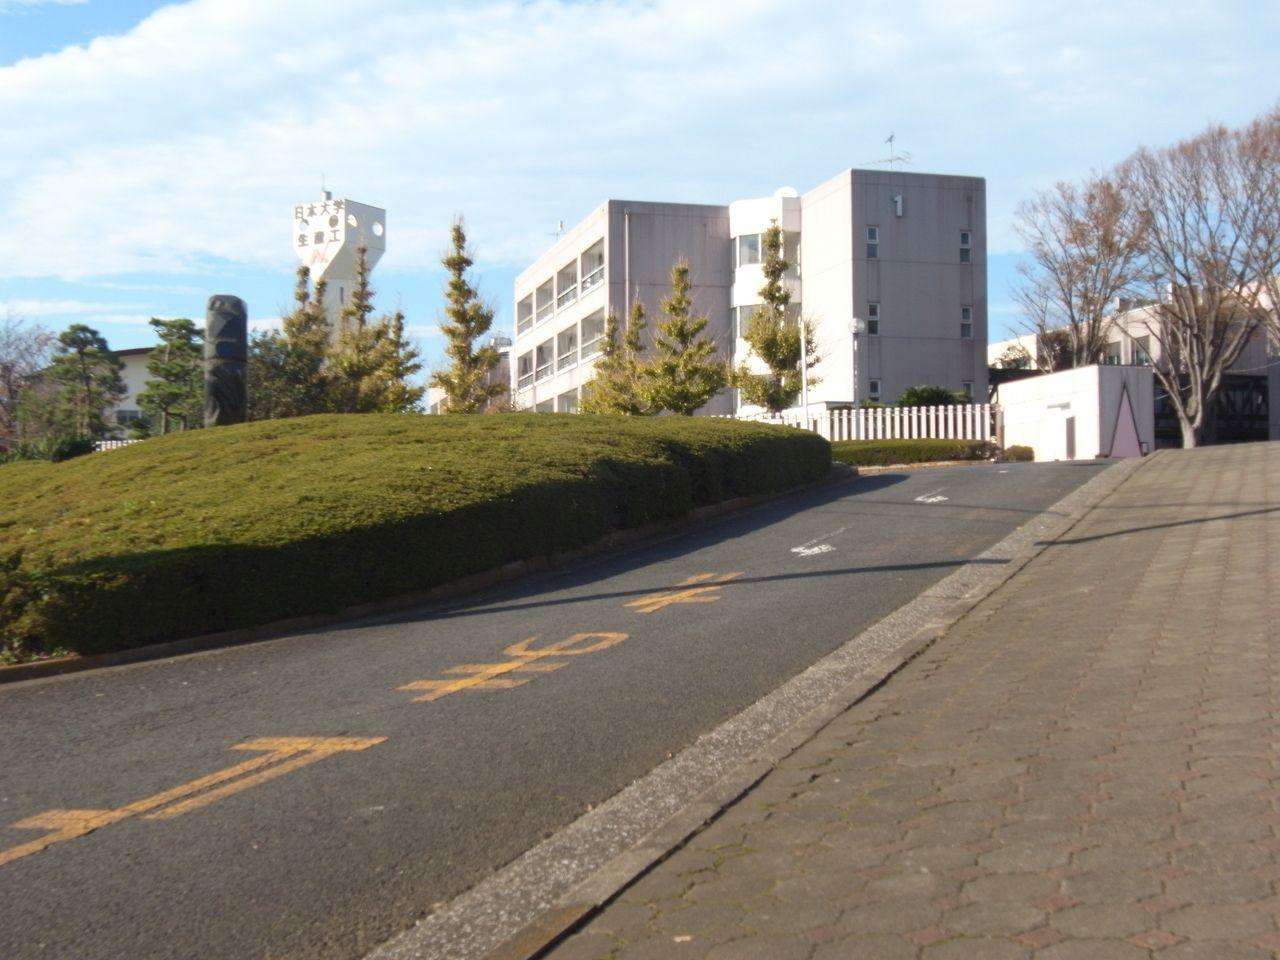 実籾にある大学「日大生産工学部 実籾キャンパス」